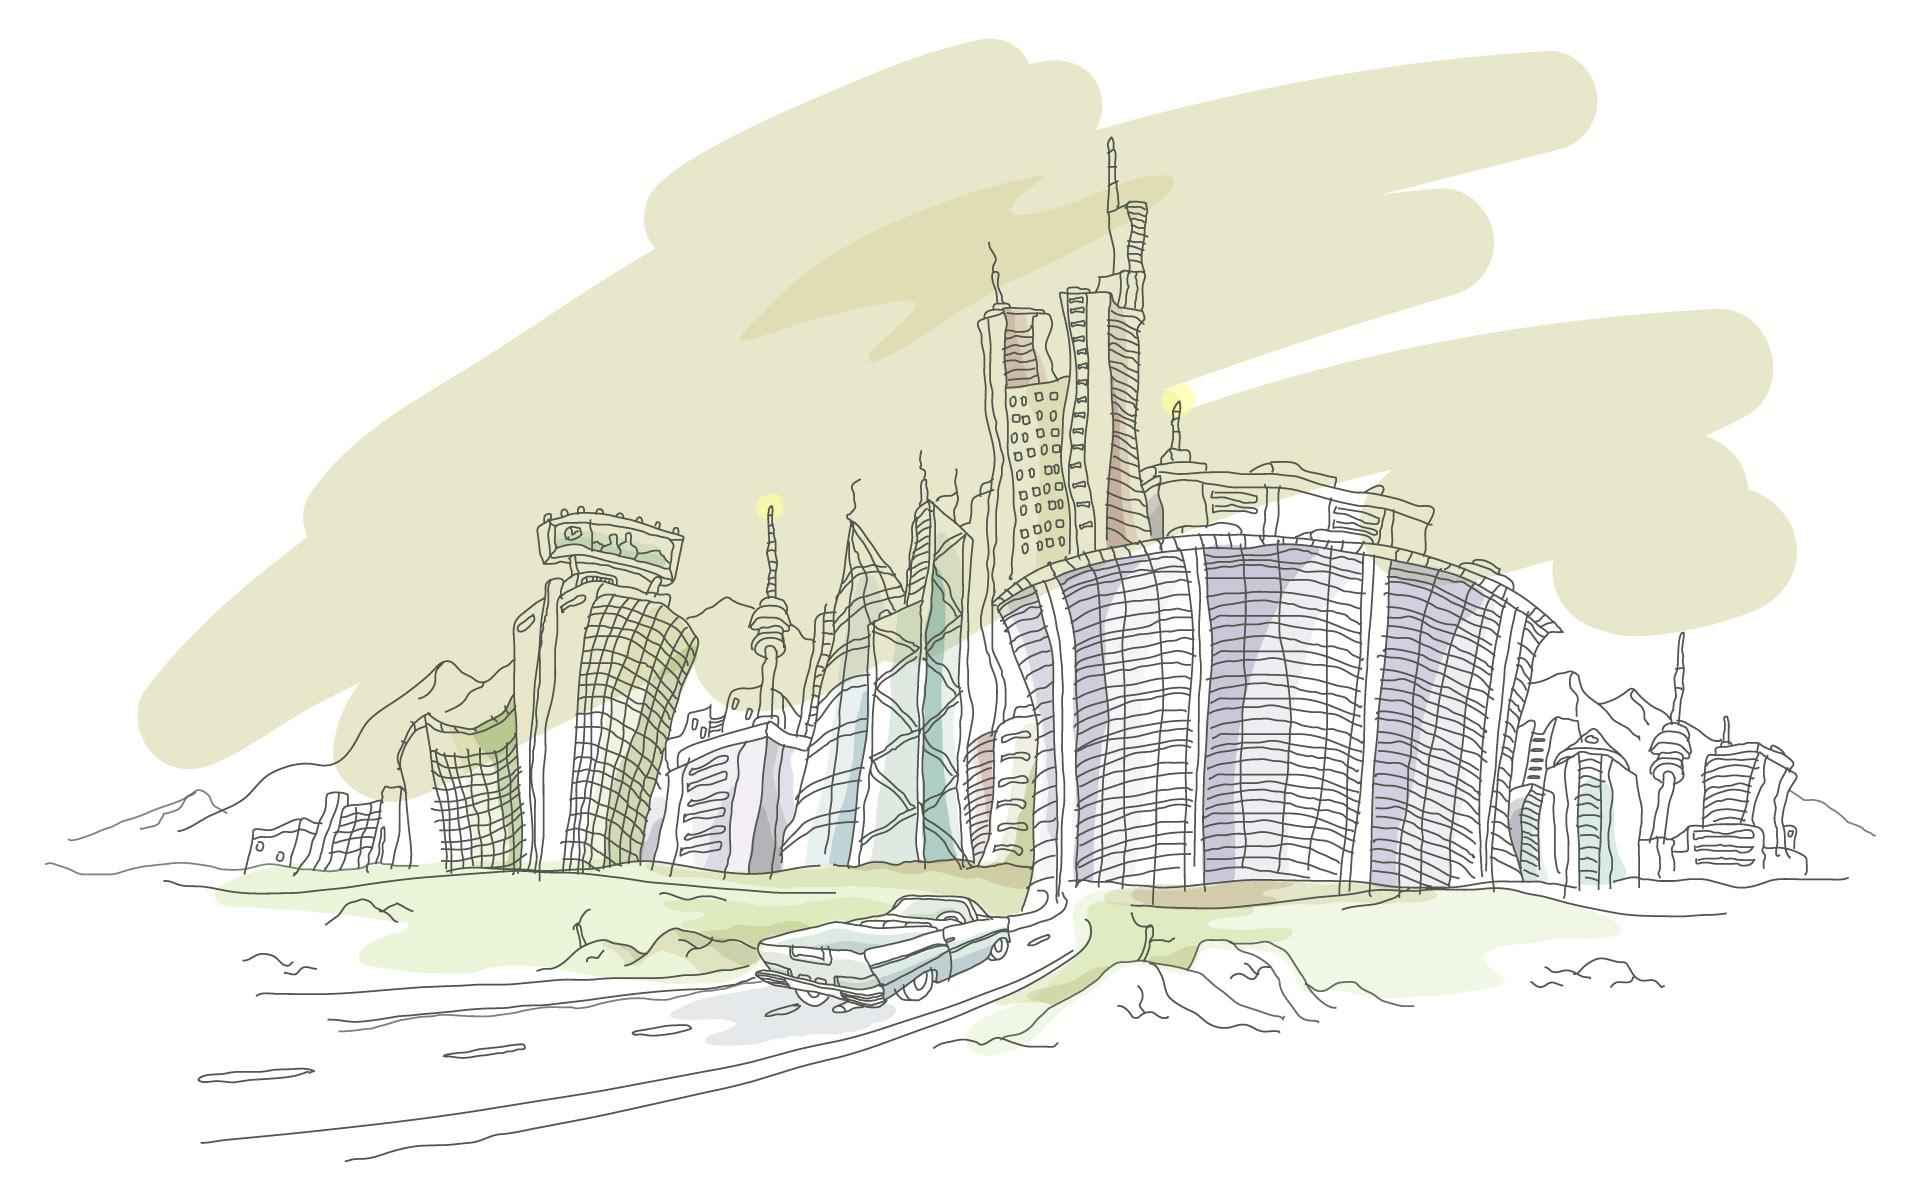 壁纸1920×1200简笔城市风光 2 9壁纸 简笔城市风光壁纸图片绘画壁纸绘画图片素材桌面壁纸